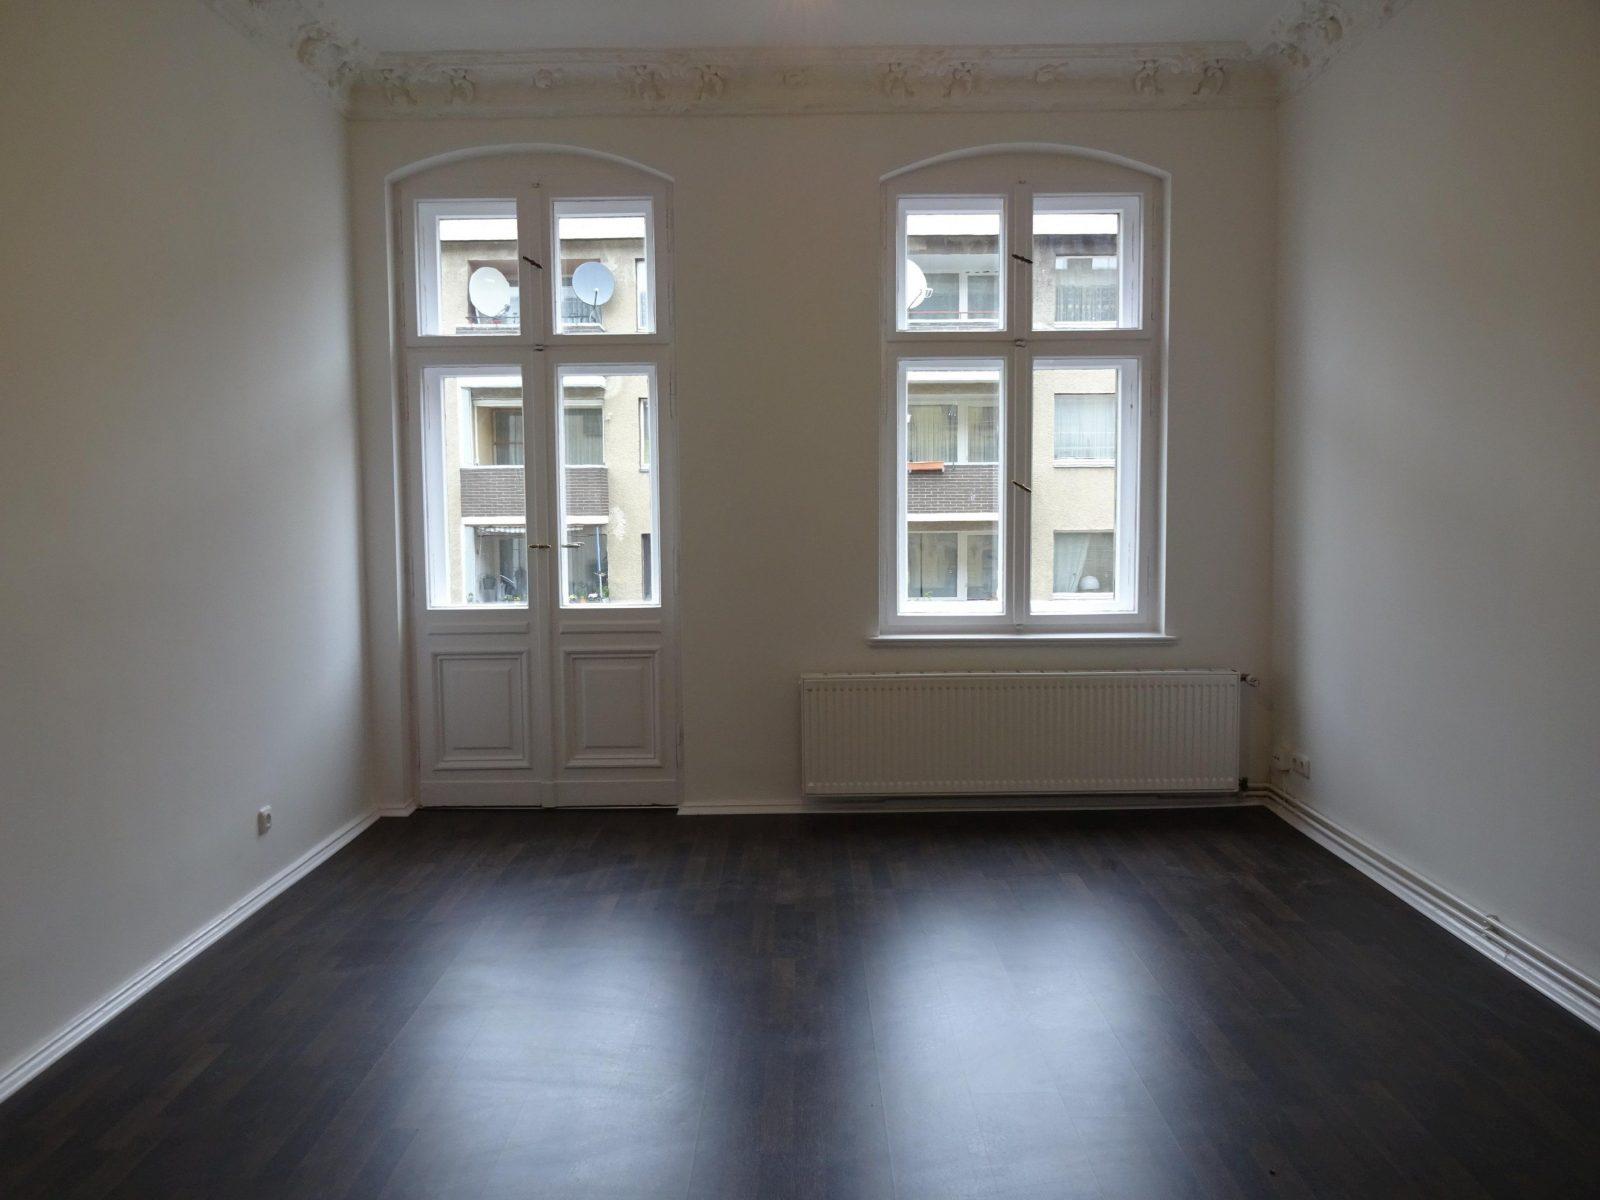 Wohnung mieten von privat ohne provision n rnberg beste for Wohnung mieten von privat ohne provision